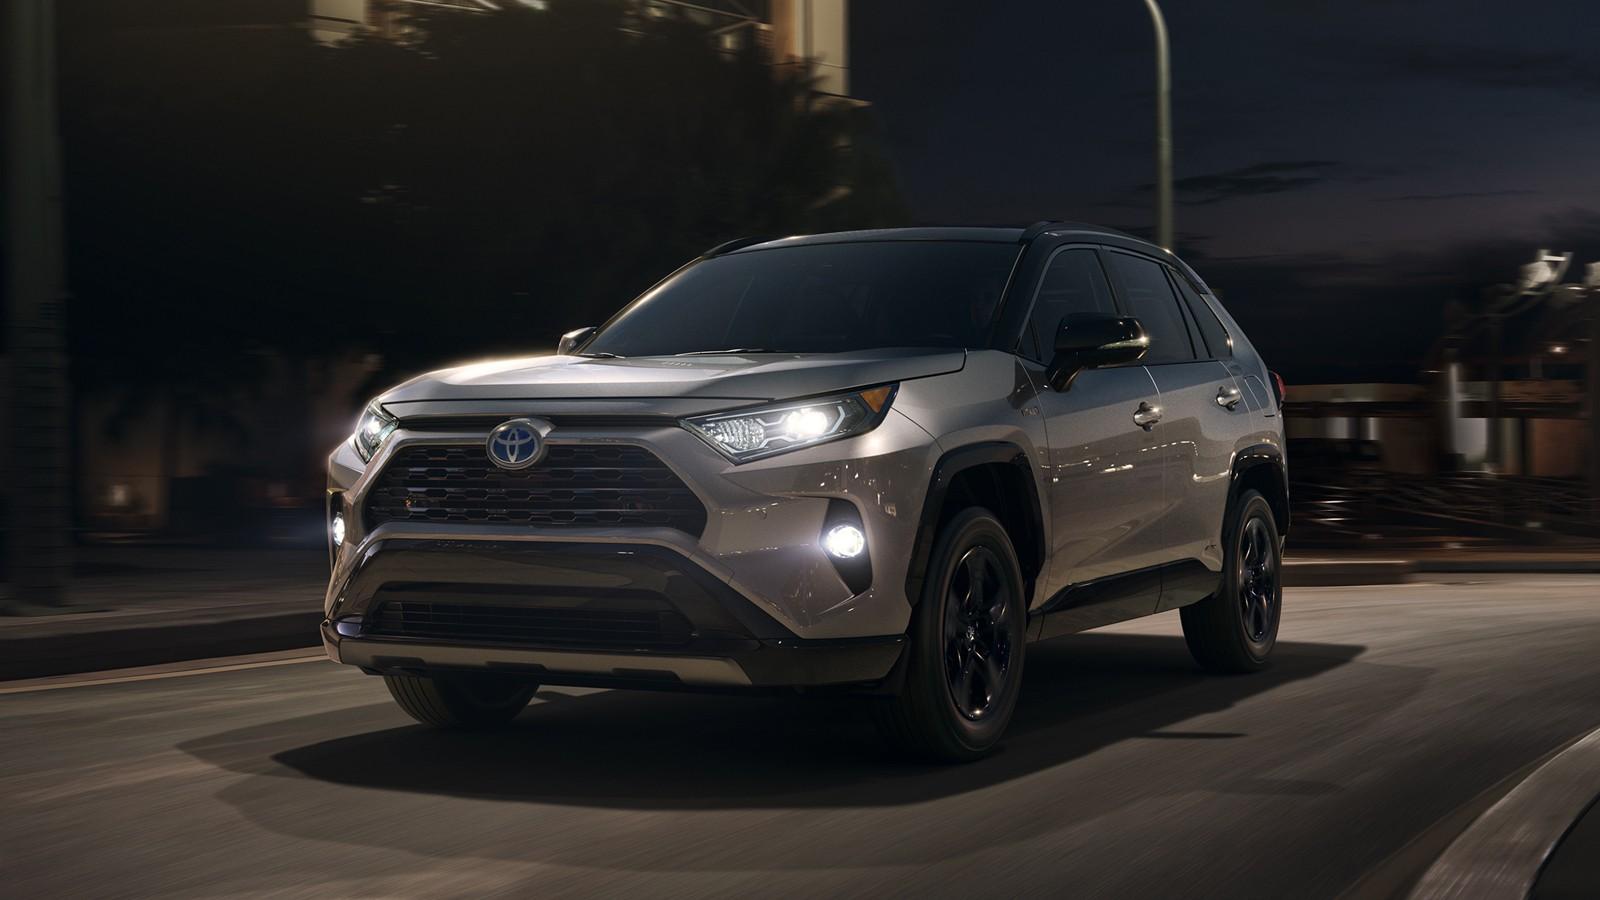 2019_Toyota_RAV4_12_B71D5186504ABFCC343EC0A5CB157E5219576E4E